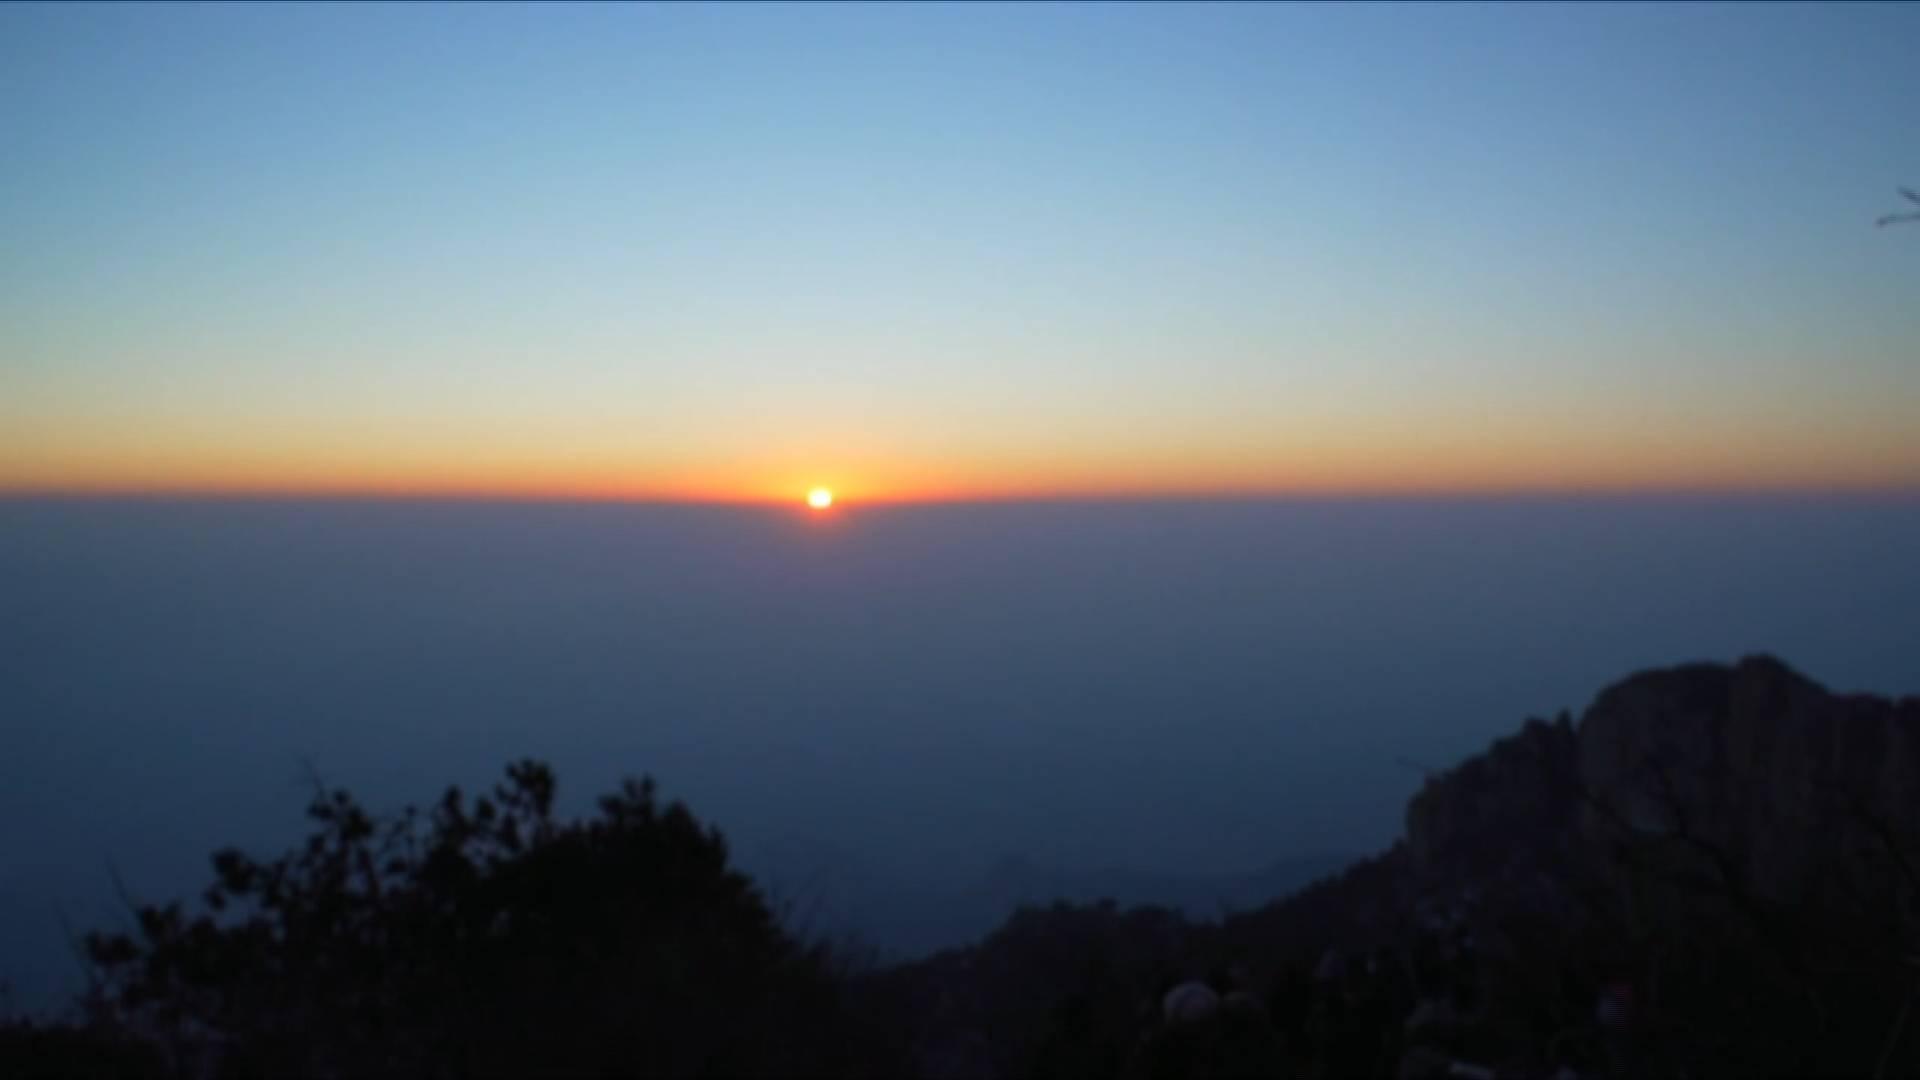 你好2021丨岱岳登顶!闪电新闻在泰山带你拥抱新年第一缕阳光